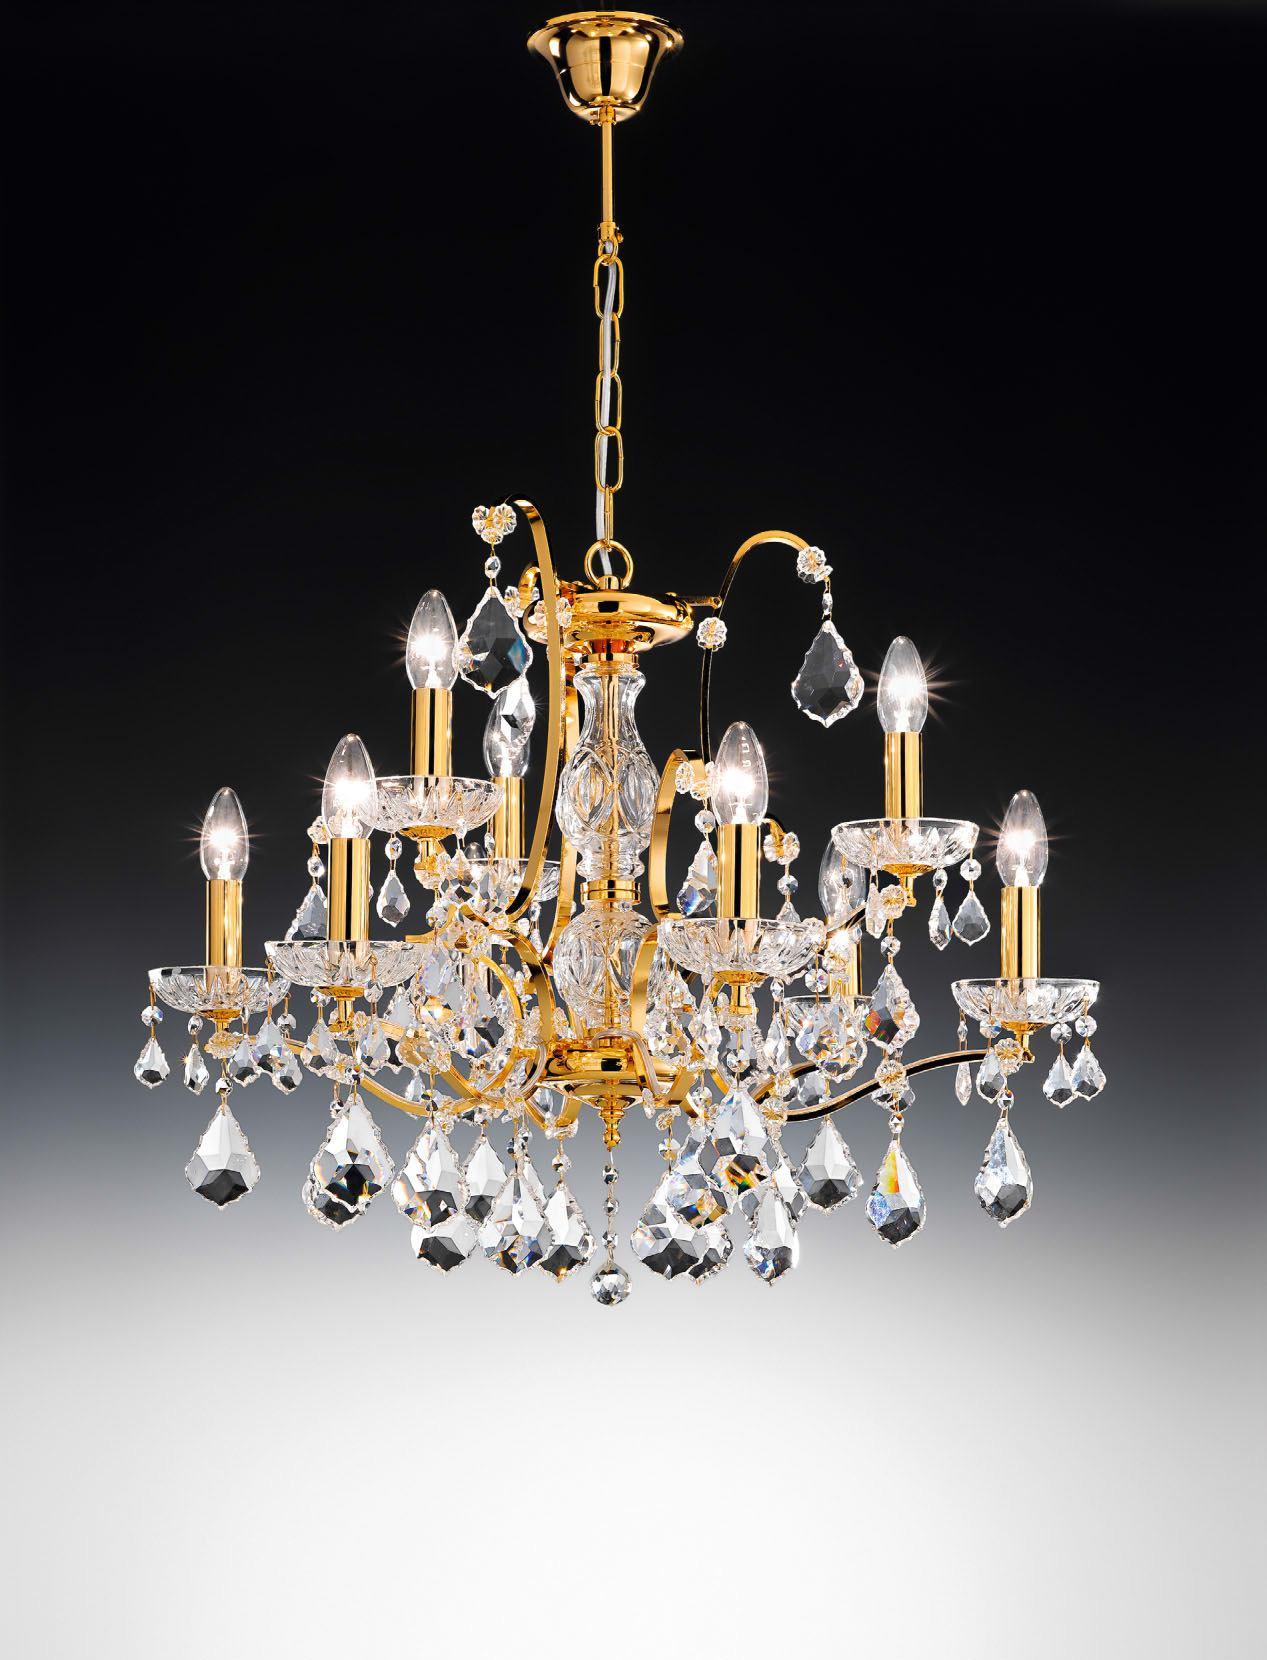 salisburgo 6 3l kristalluster von voltolina klassisch stile platinlux der online shop. Black Bedroom Furniture Sets. Home Design Ideas